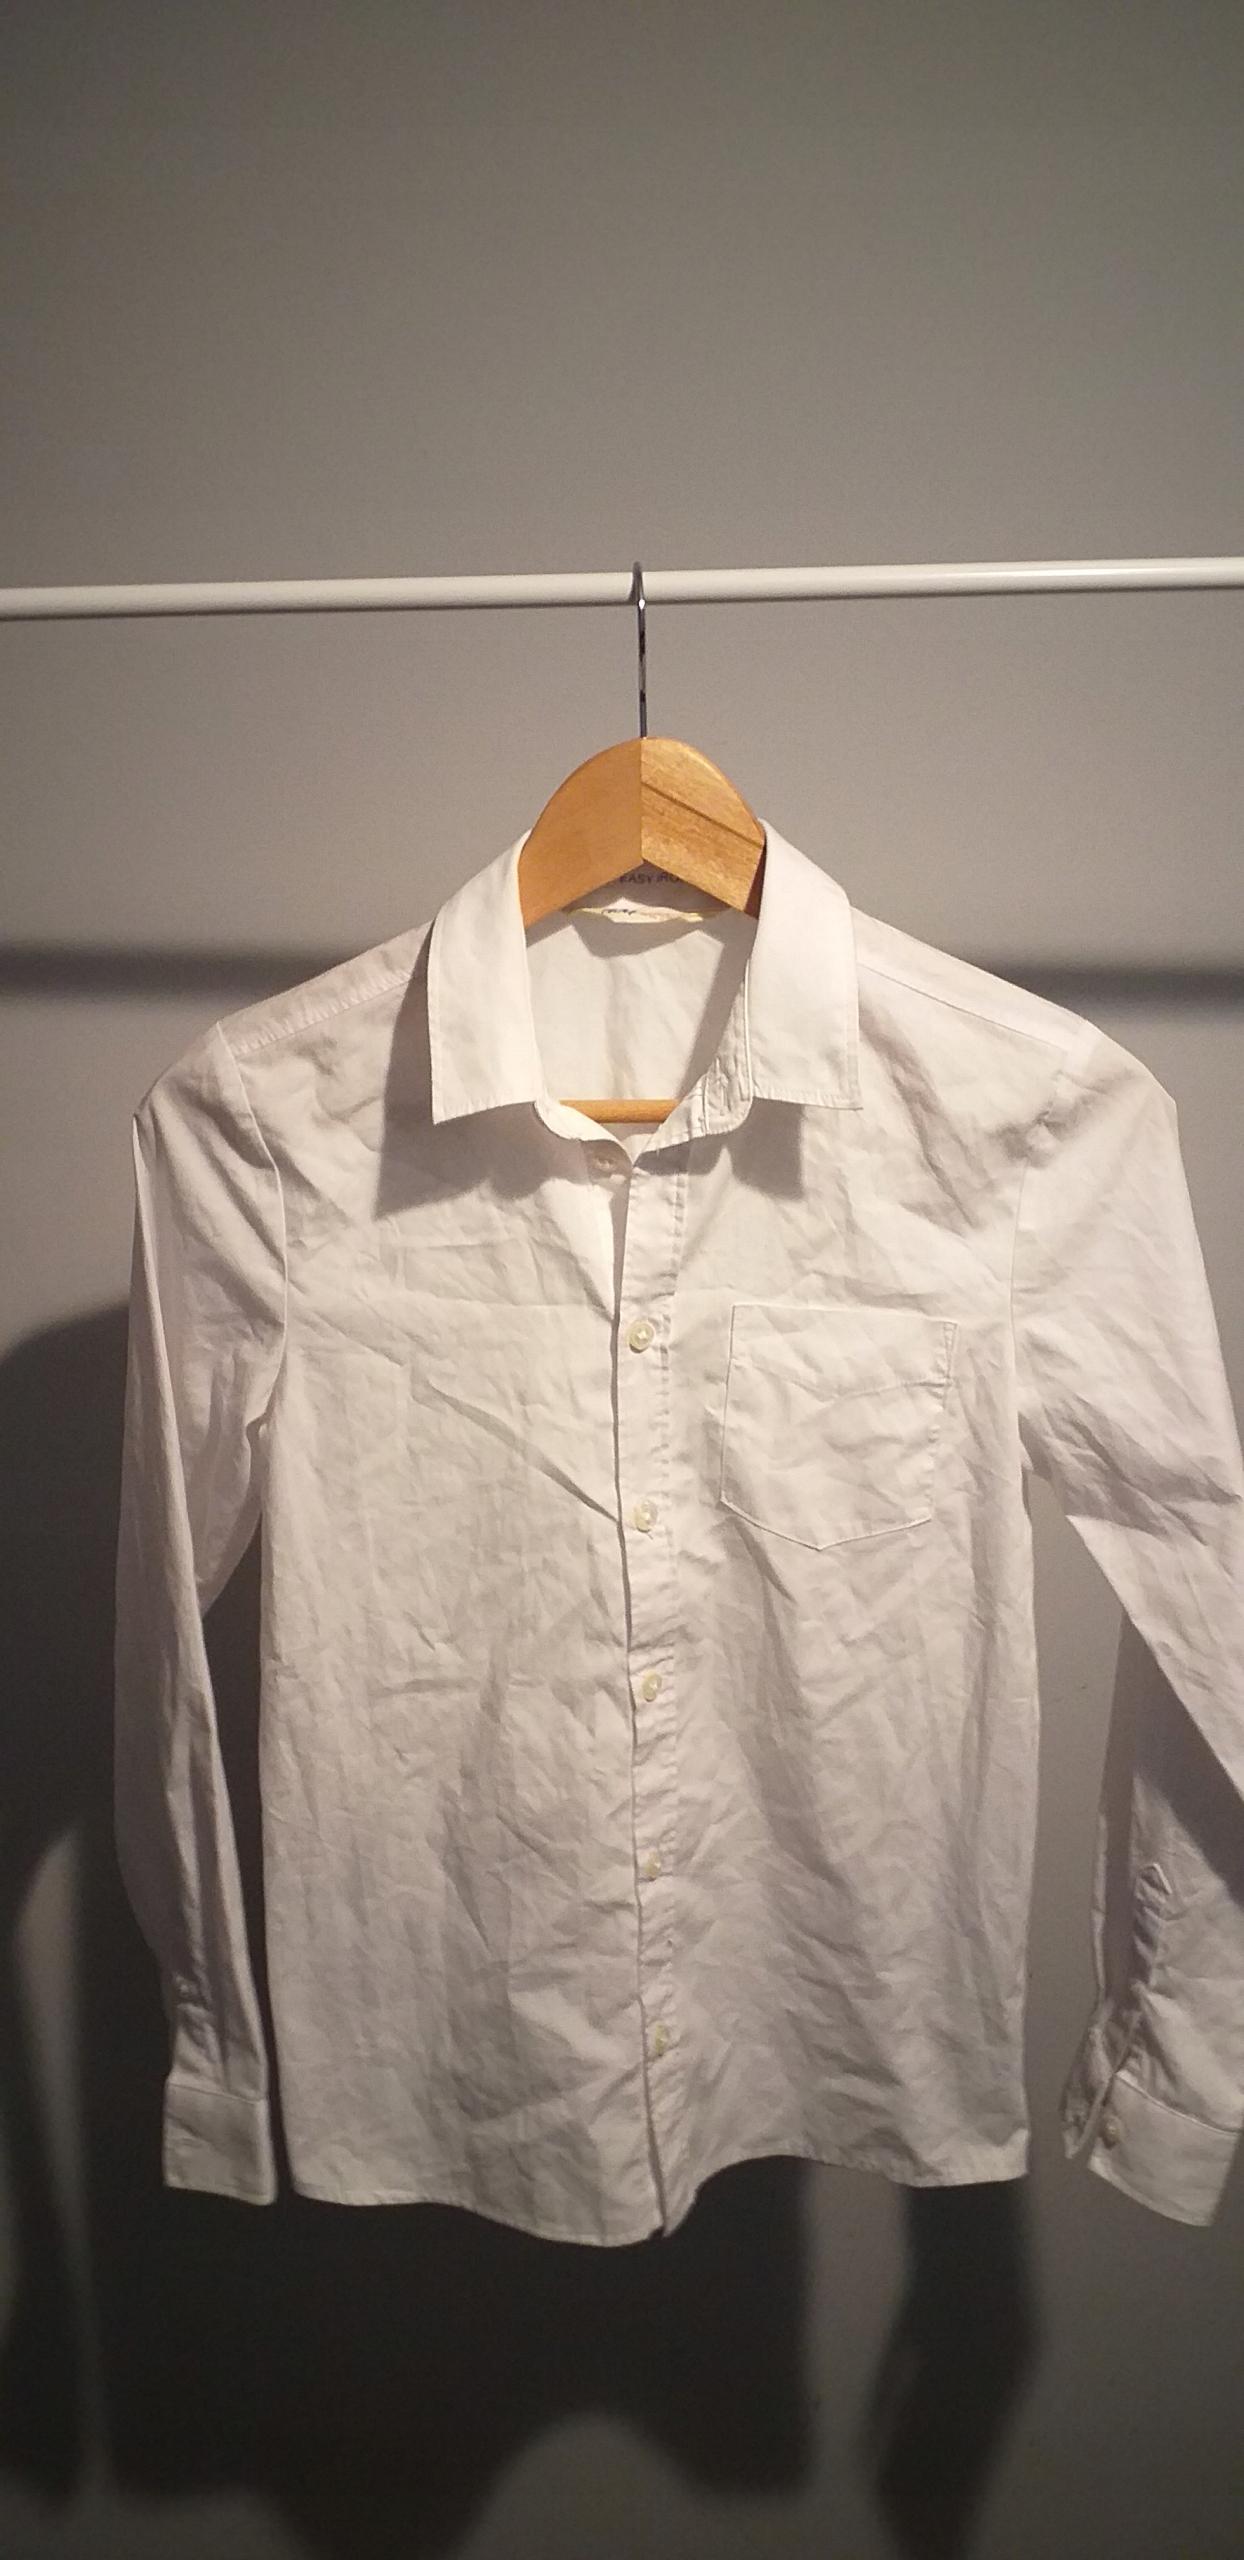 Koszula biała rozm 152 11-12 lat H&M długi ręk